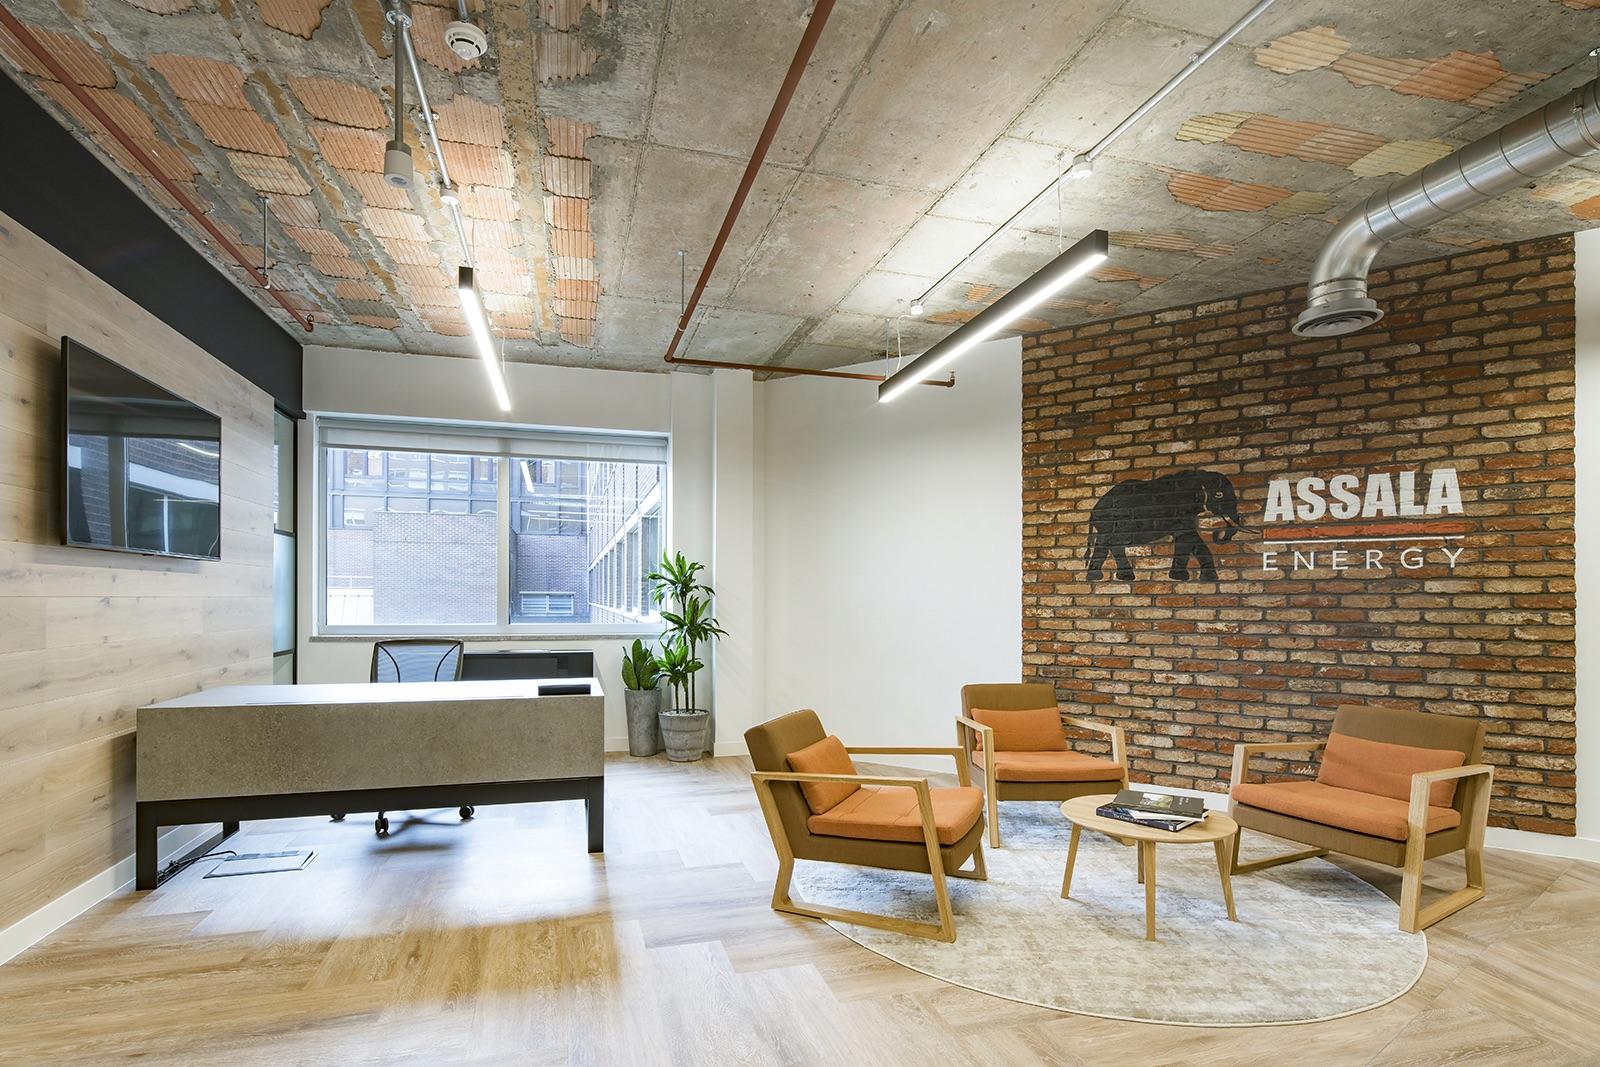 assala-energy-office-1